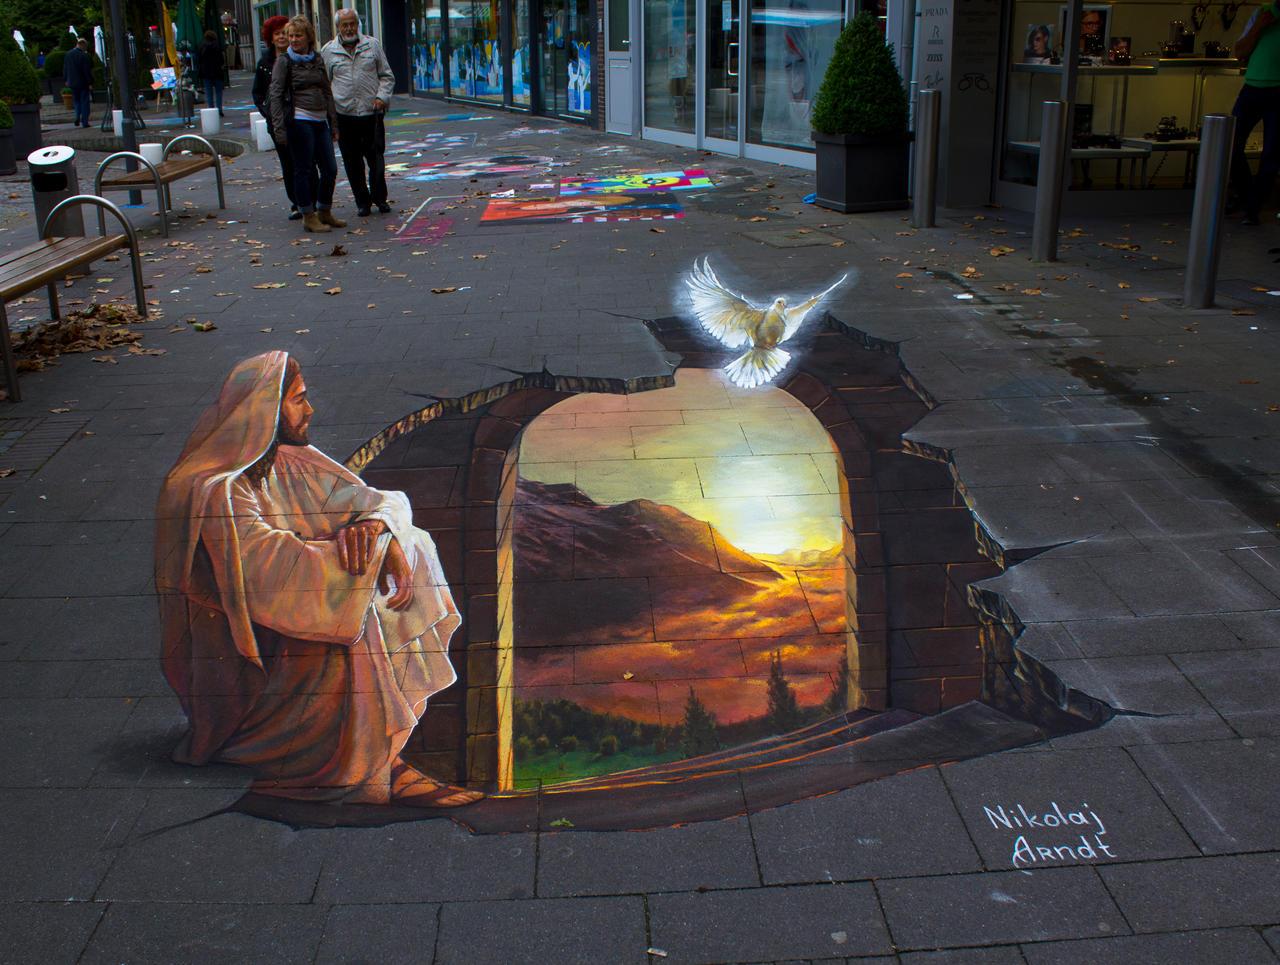 The light of hope. by Nikolaj-Arndt